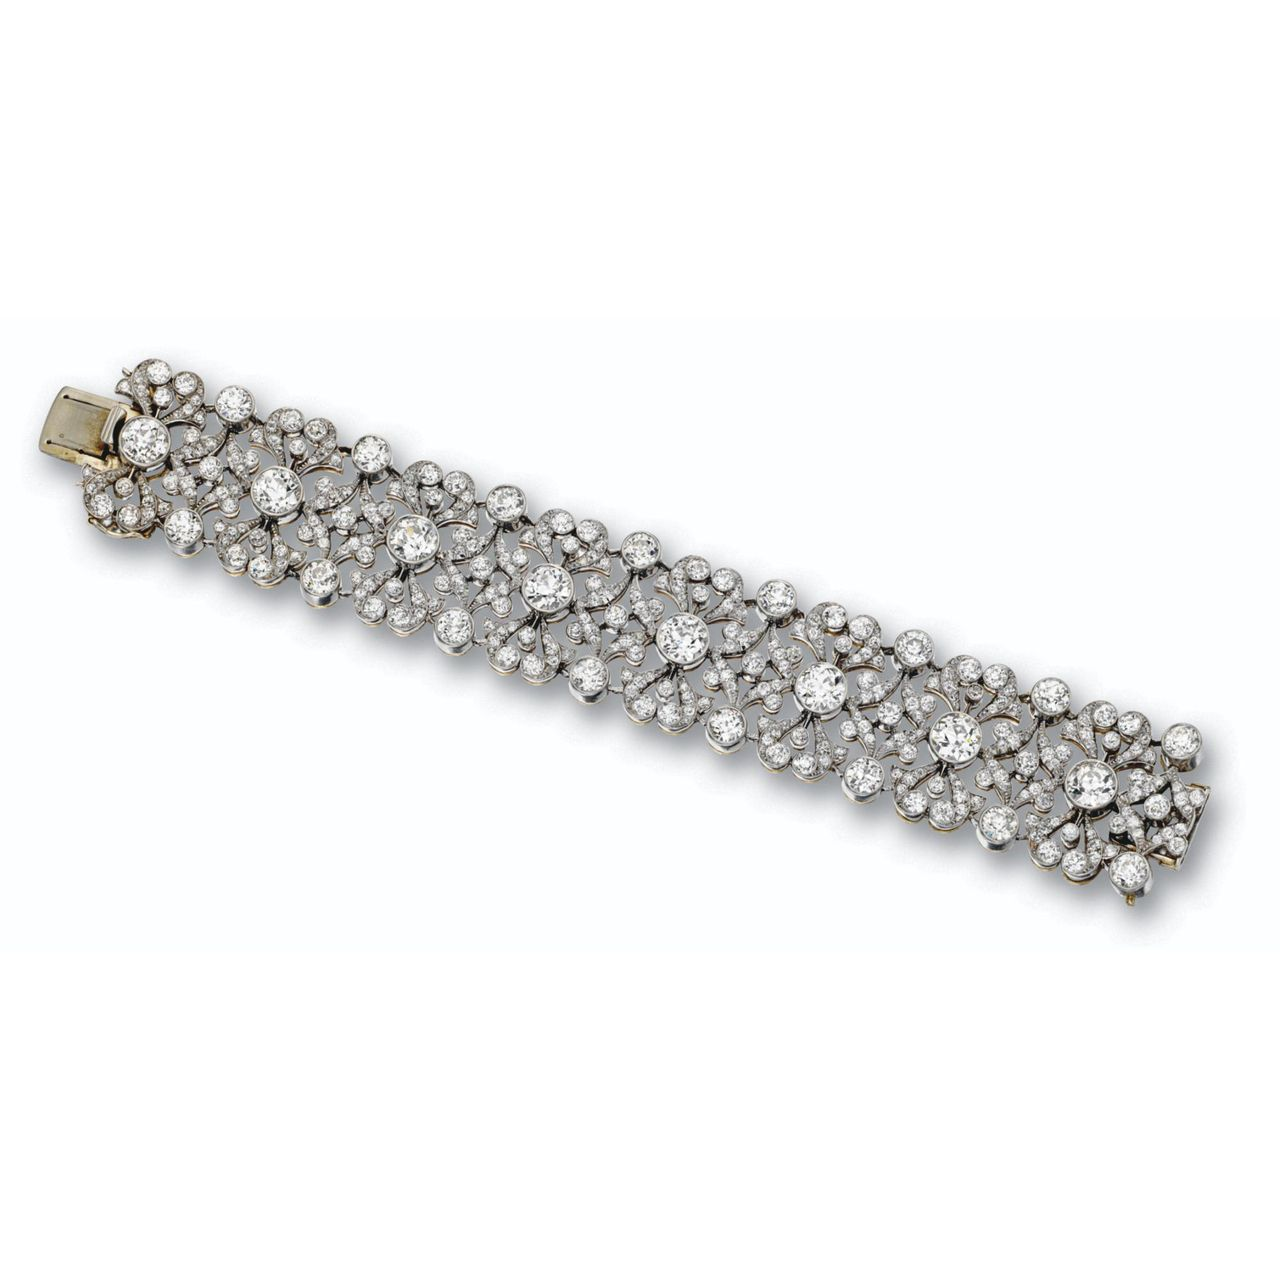 ~Bracelet  1900  Sotheby's~